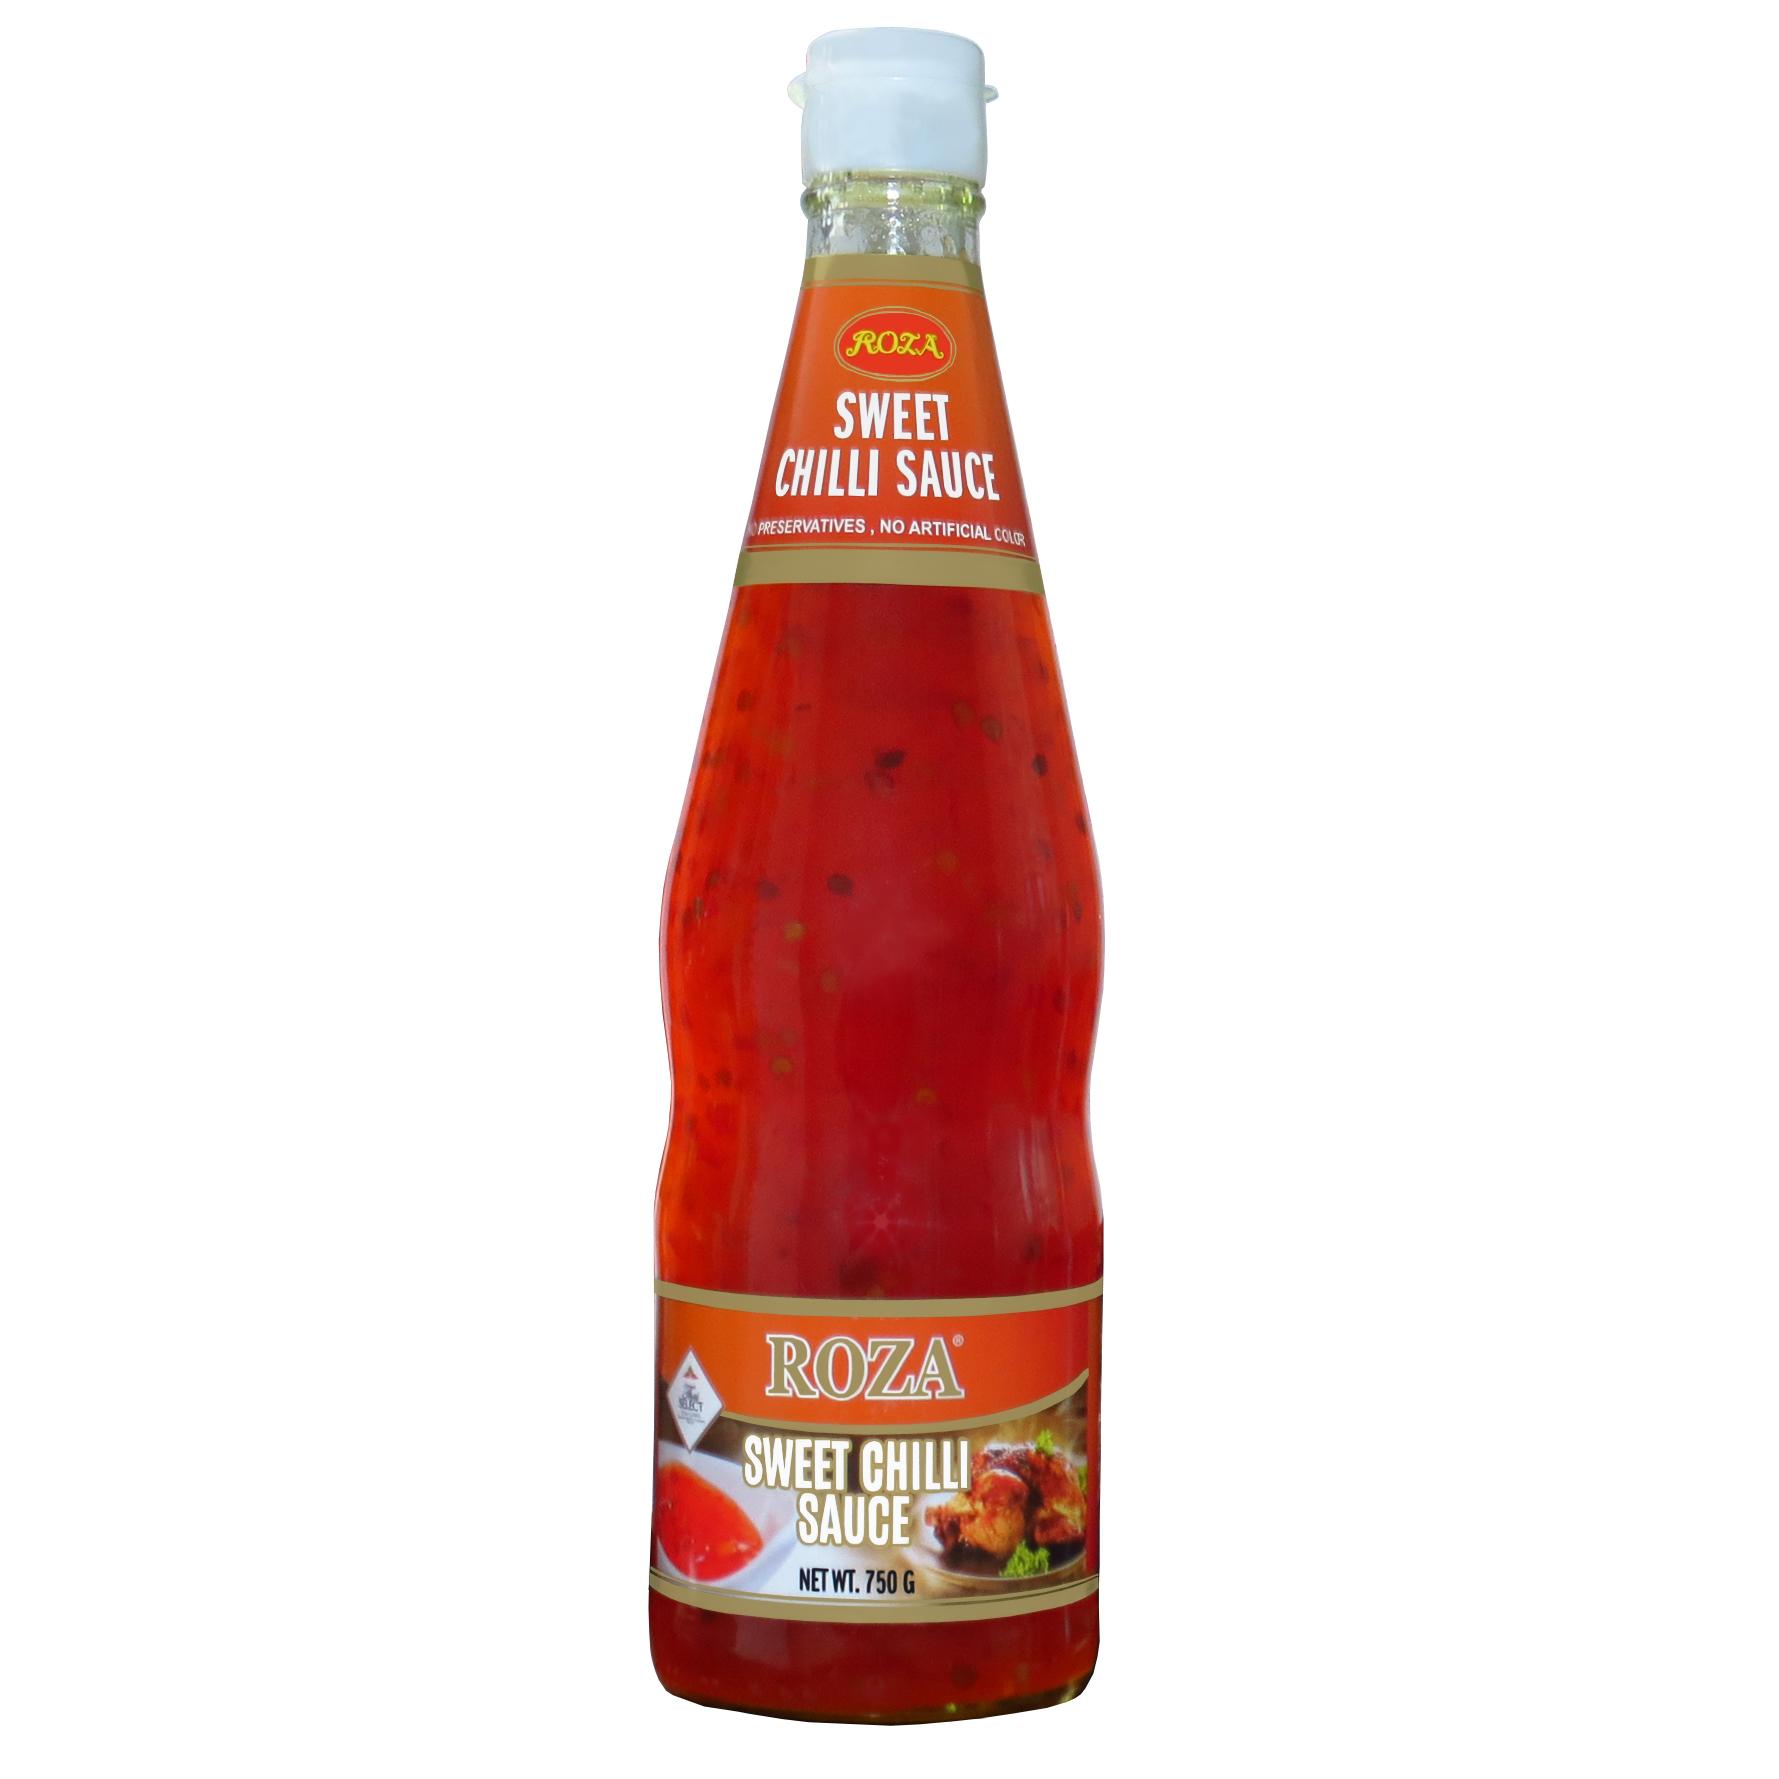 سس سوئیت  چیلی مرغ رزا - 750 گرم